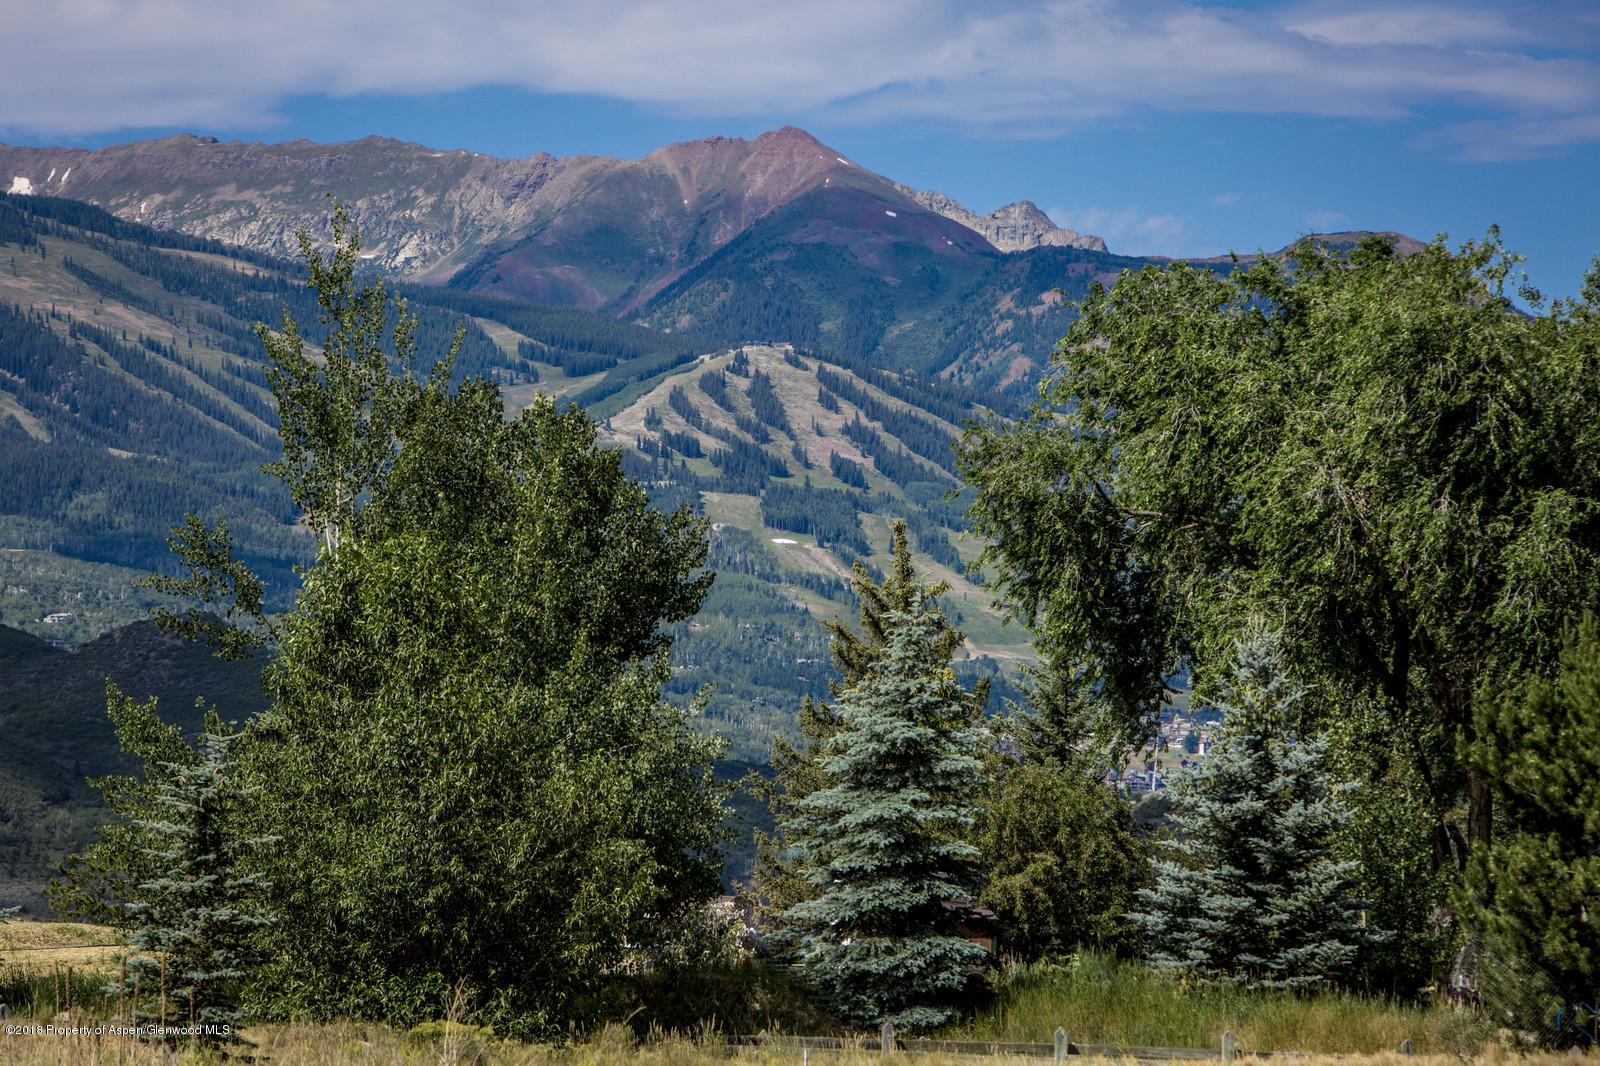 TBD Byers Court - McLain Flats, Colorado